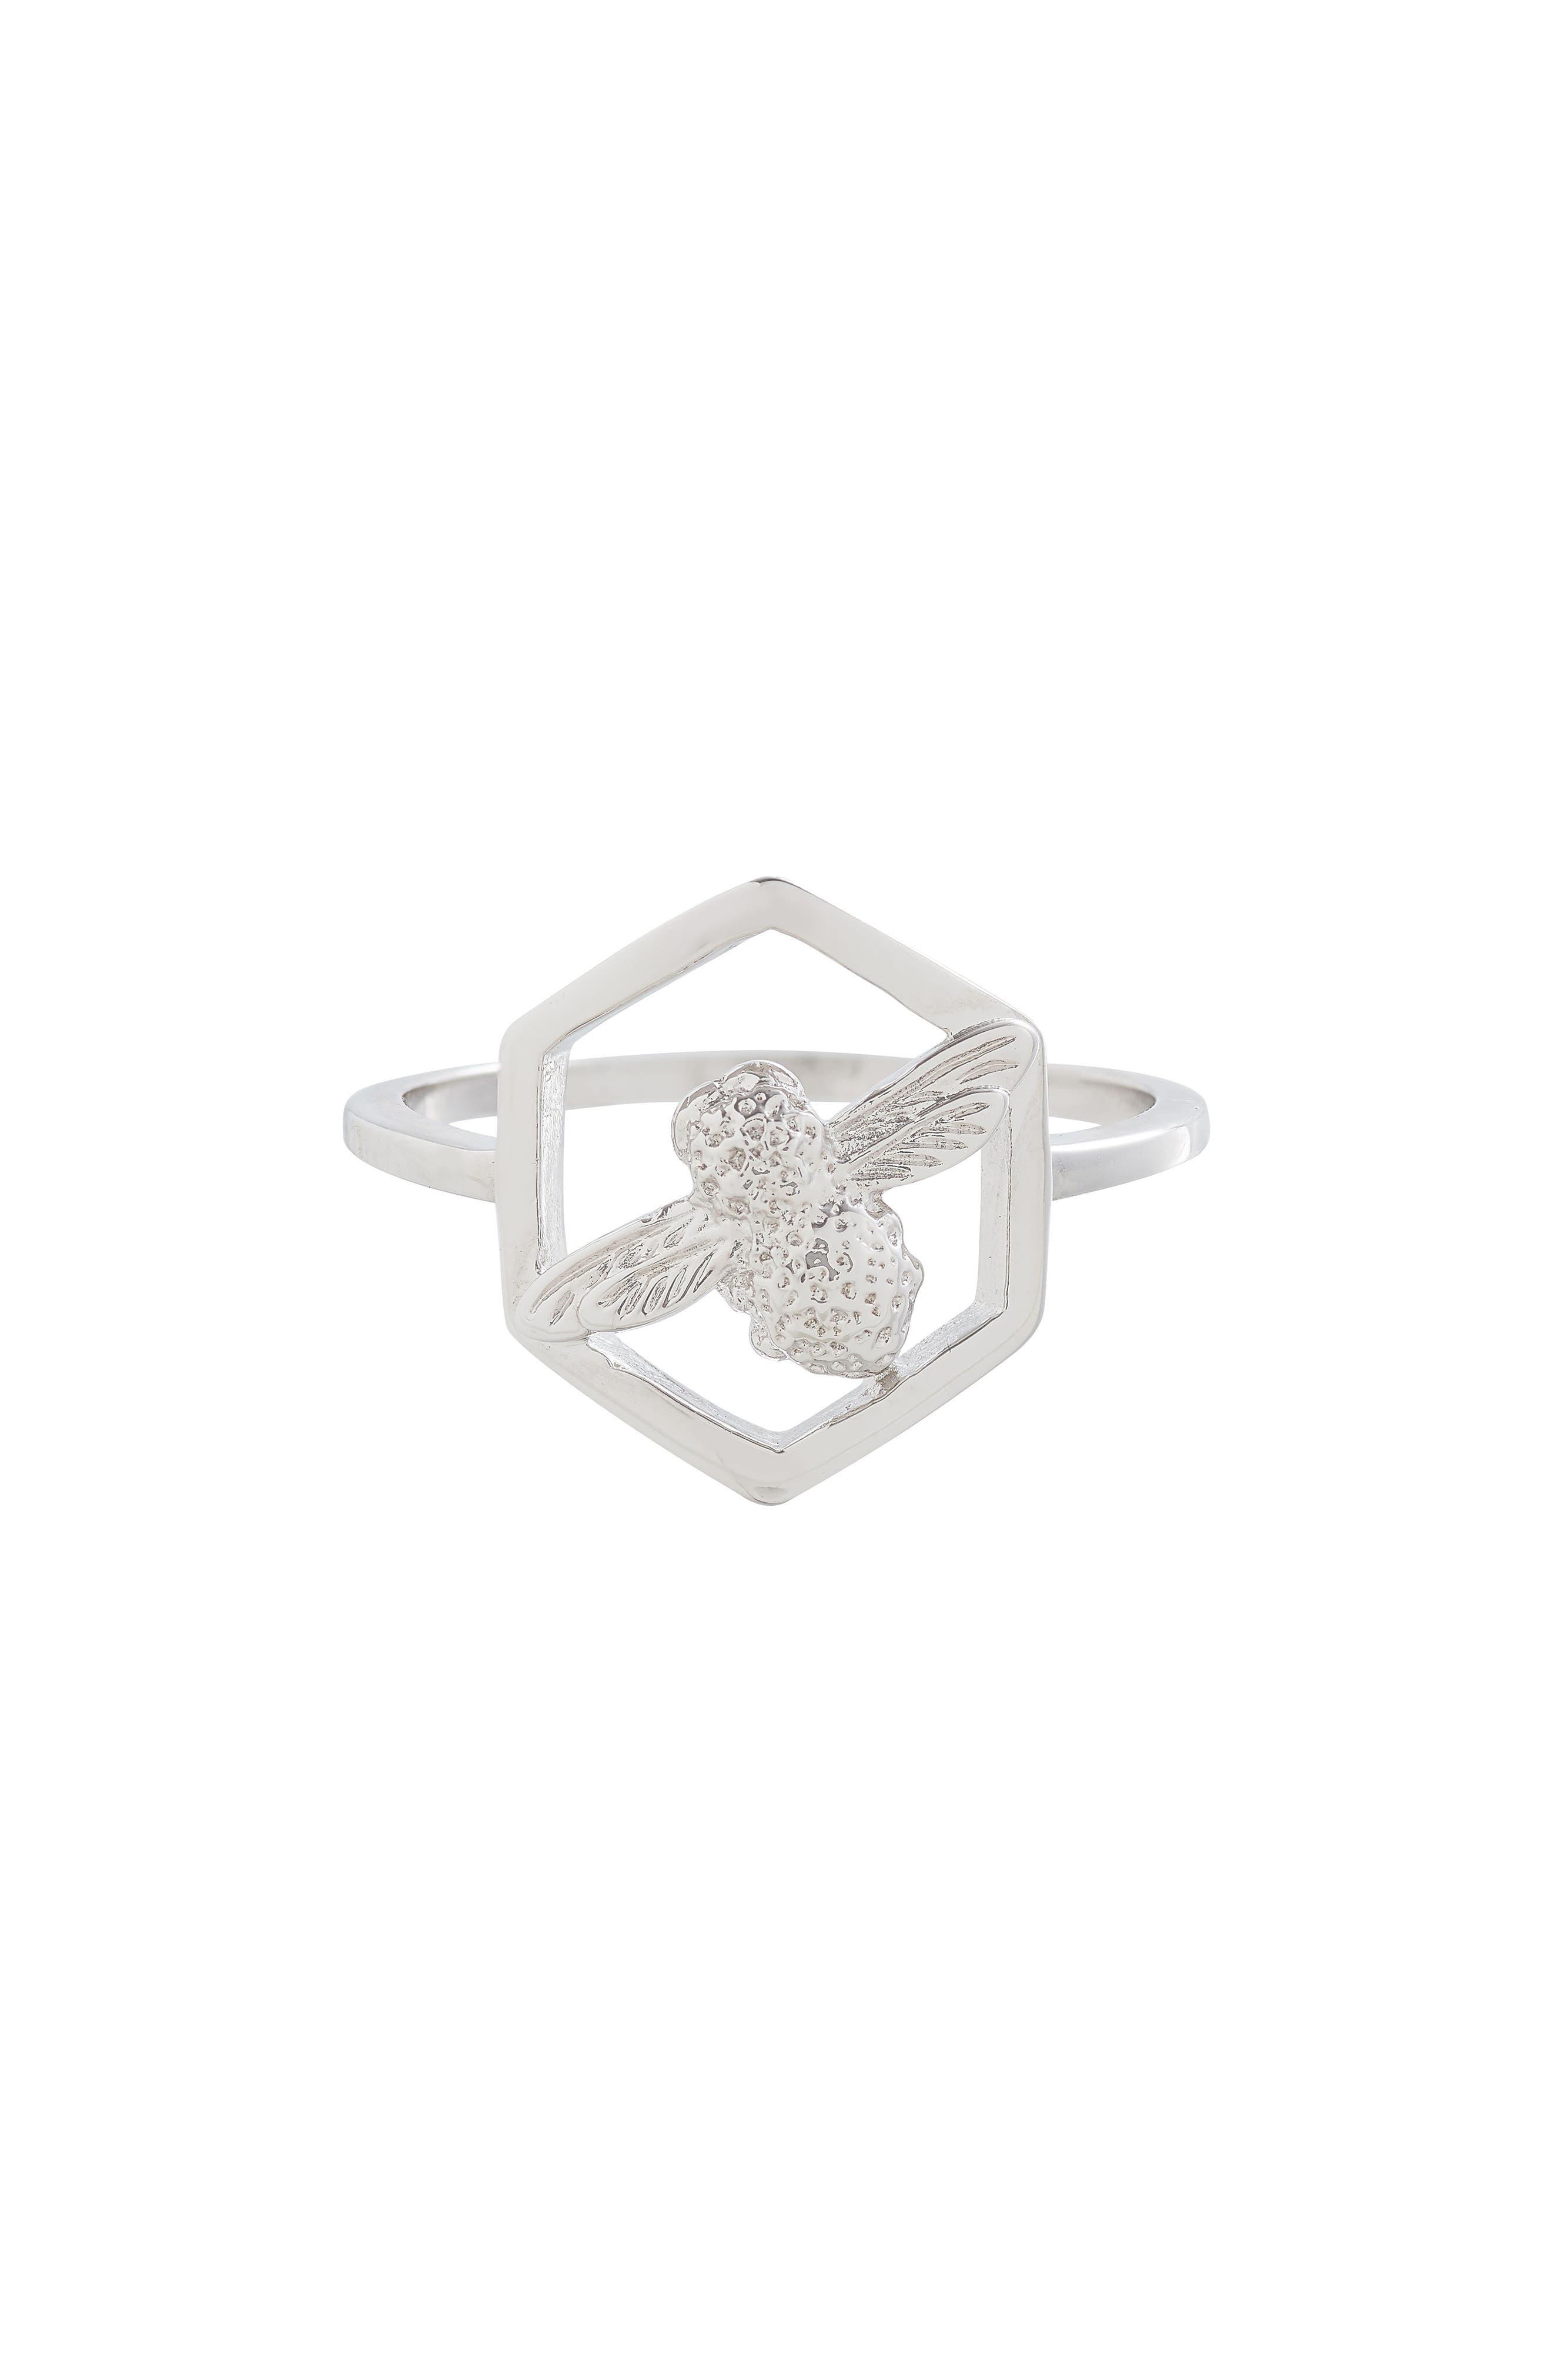 Honeycomb Bee Ring,                             Main thumbnail 1, color,                             Silver